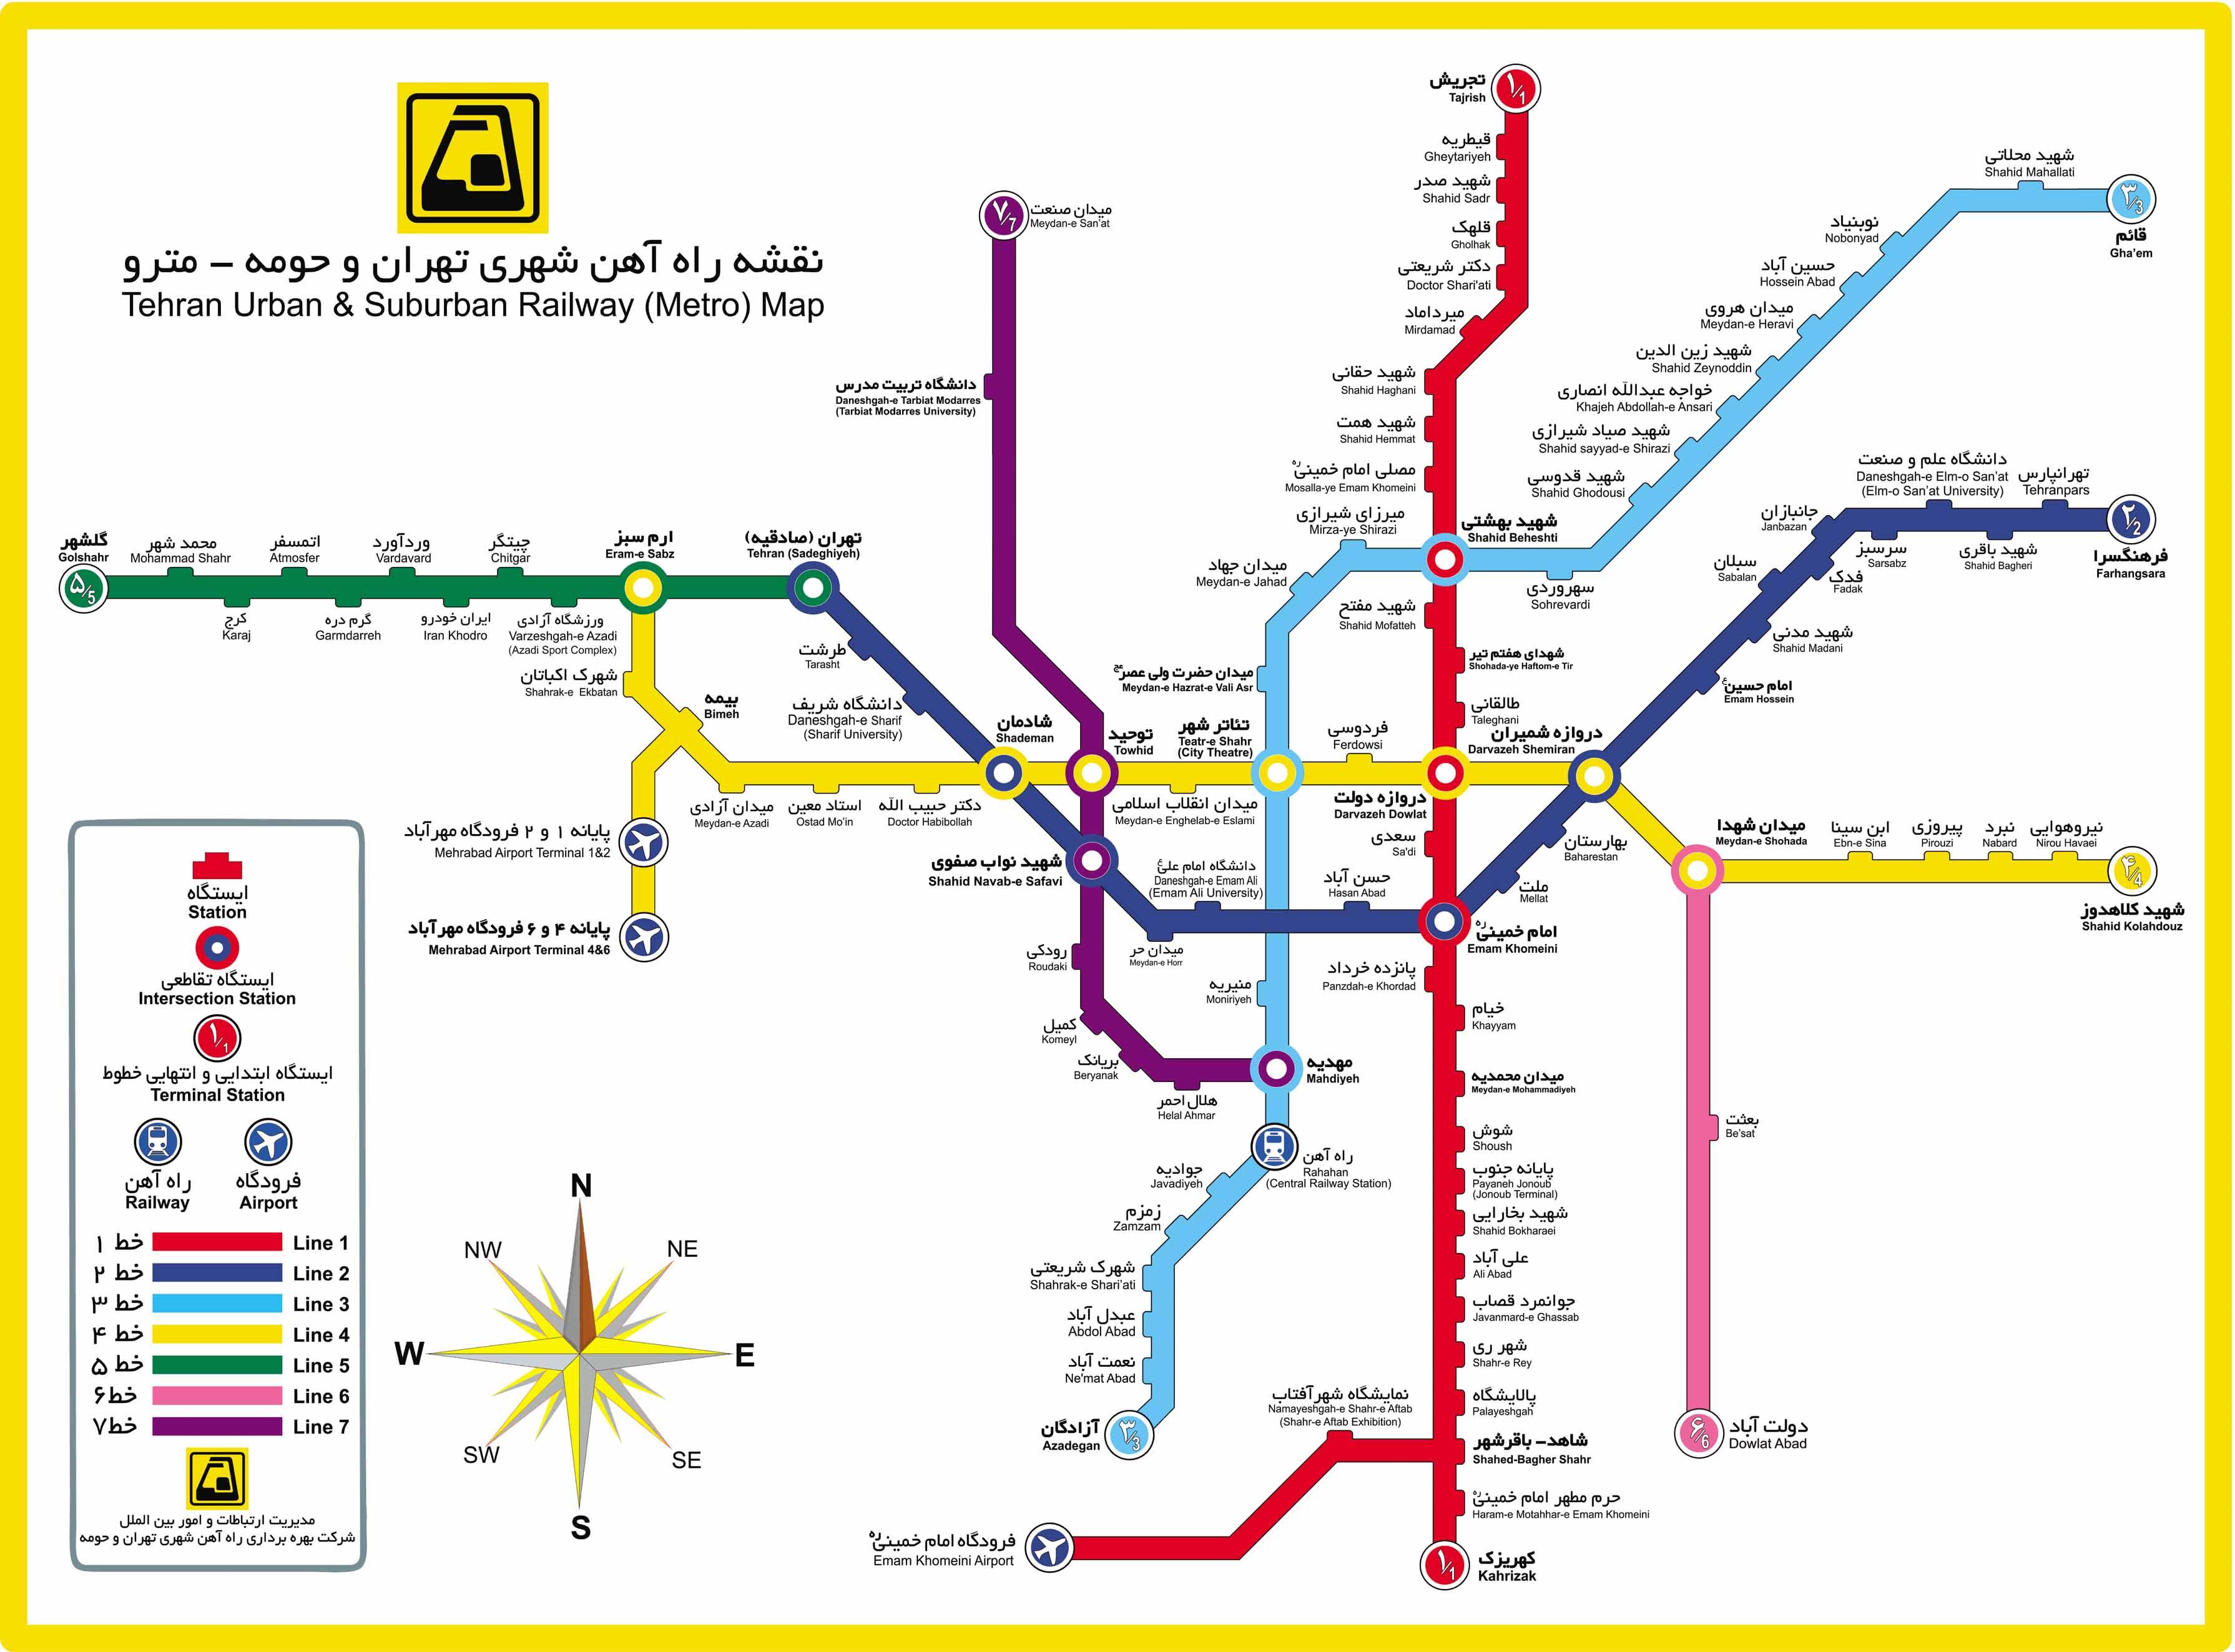 نقشه مترو تهران در سال ۹۸ چگونه است؟